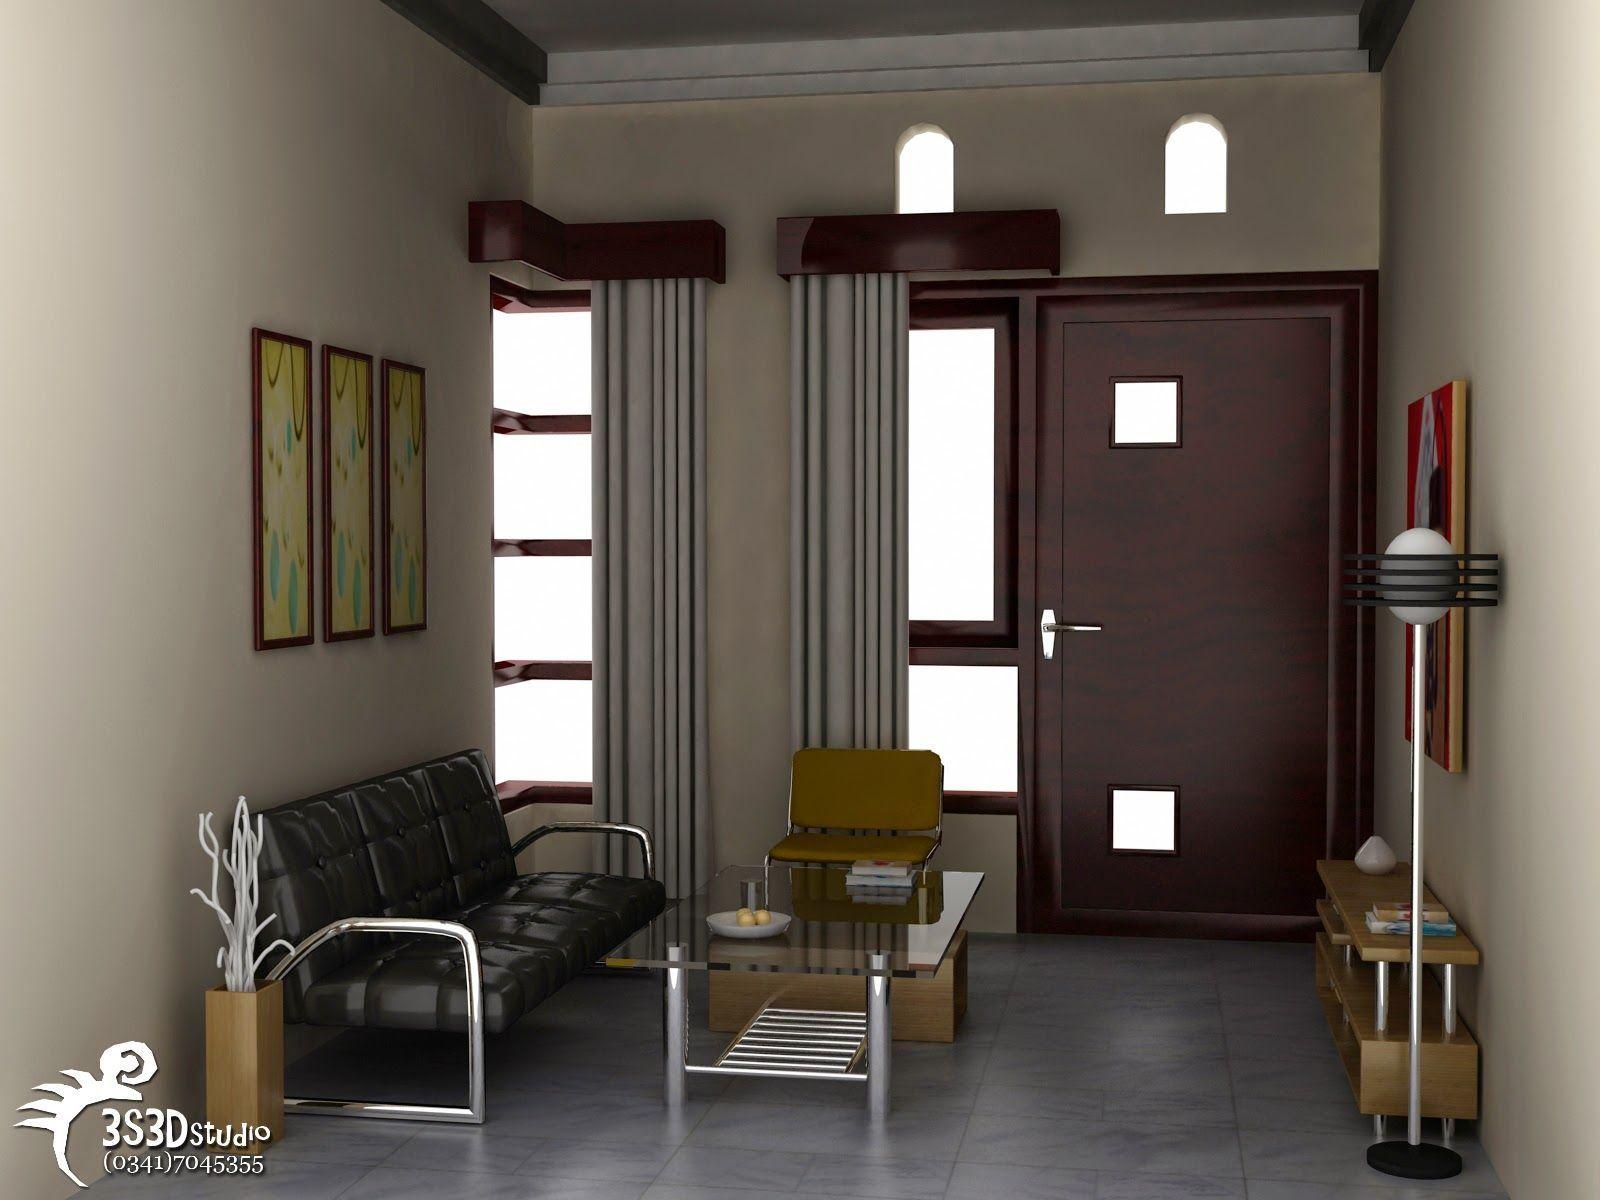 Desain Ruang Tamu Minimalis Type 36 Di 2020 Ruang Tamu Rumah Interior Desain Interior